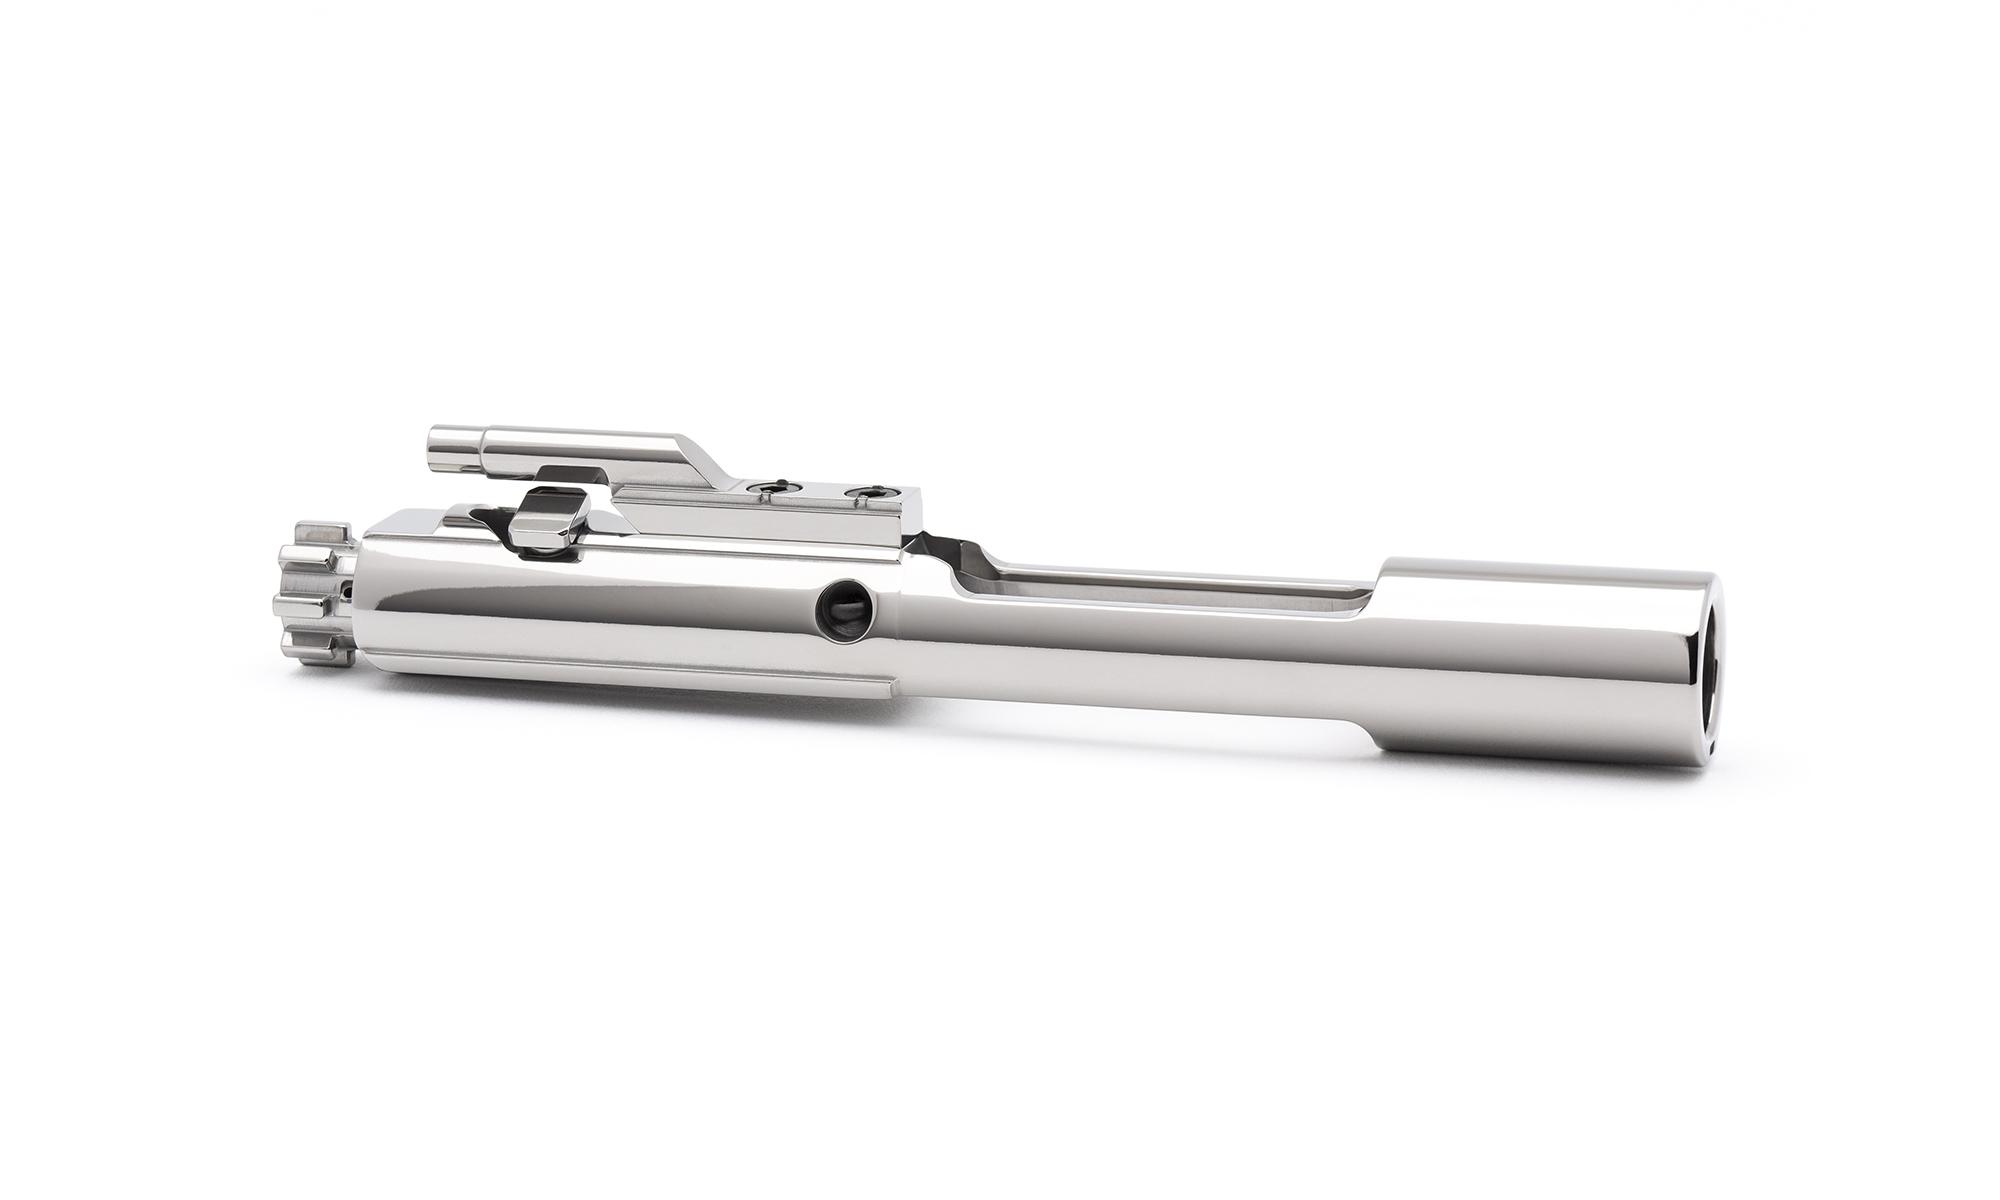 AR15 Steel Bolt Carrier Group - Mystic Silver